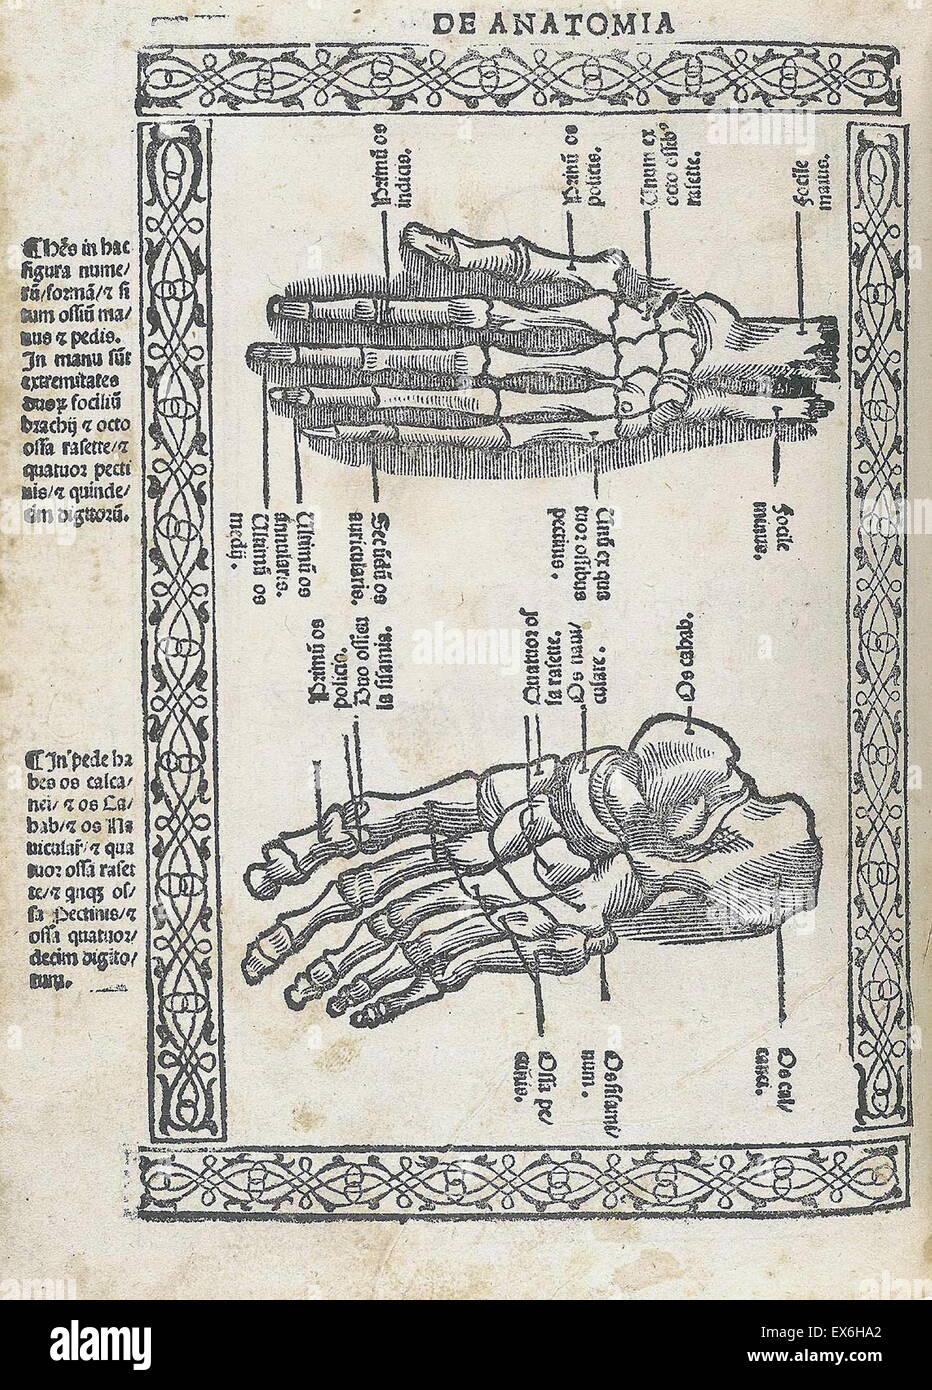 Anatomical illustration from 'Isagogae breues, perlucidae ac uberrimae, in anatomiam humani corporis a communi medicorum Stock Photo